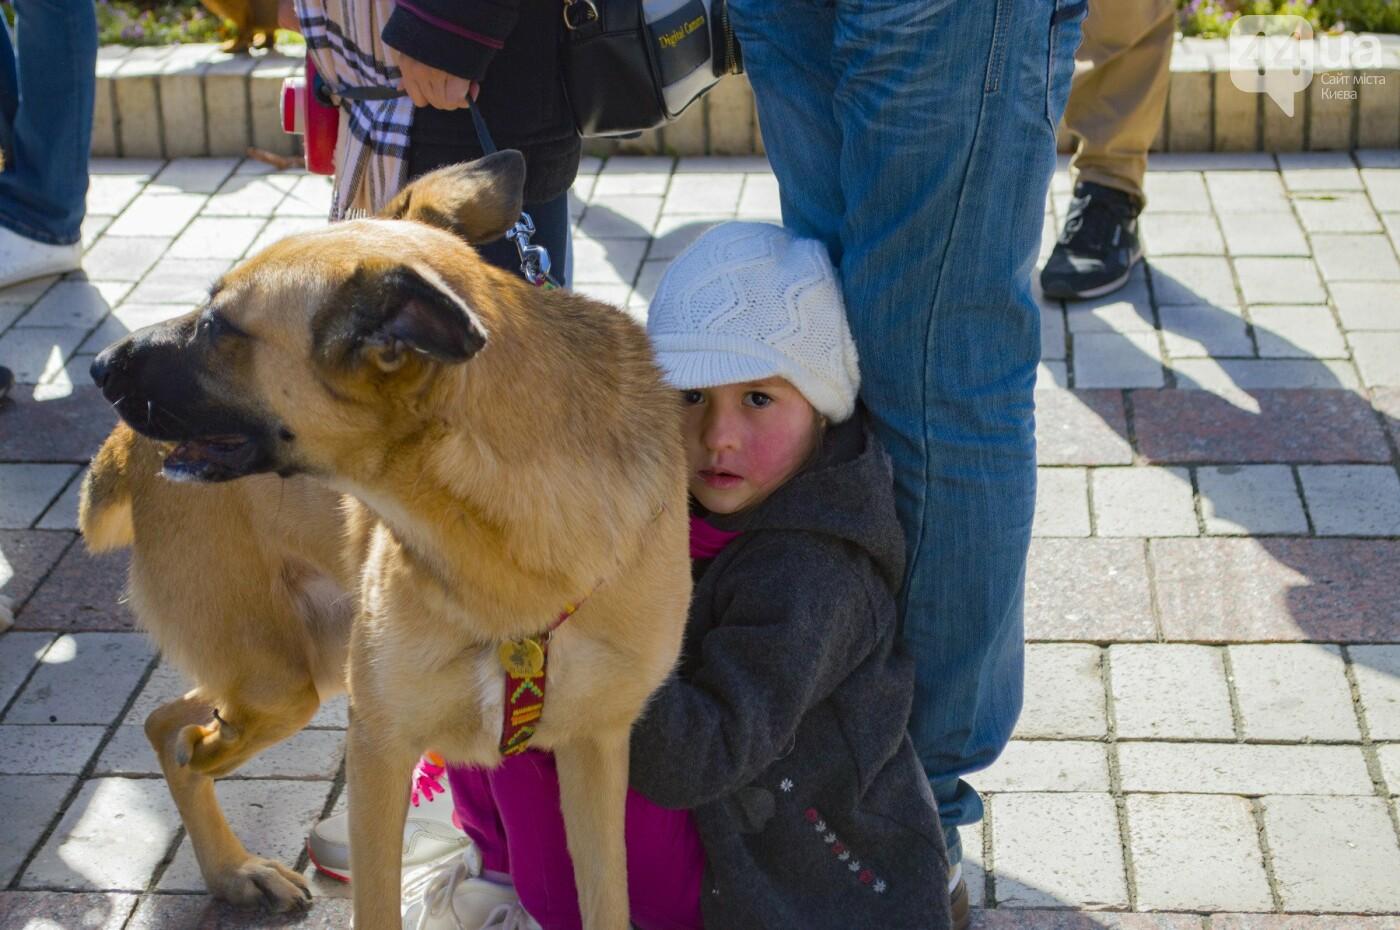 Собаки, коты и хомячки: в Киеве прошла акция за права животных, - ФОТОРЕПОРТАЖ, фото-30